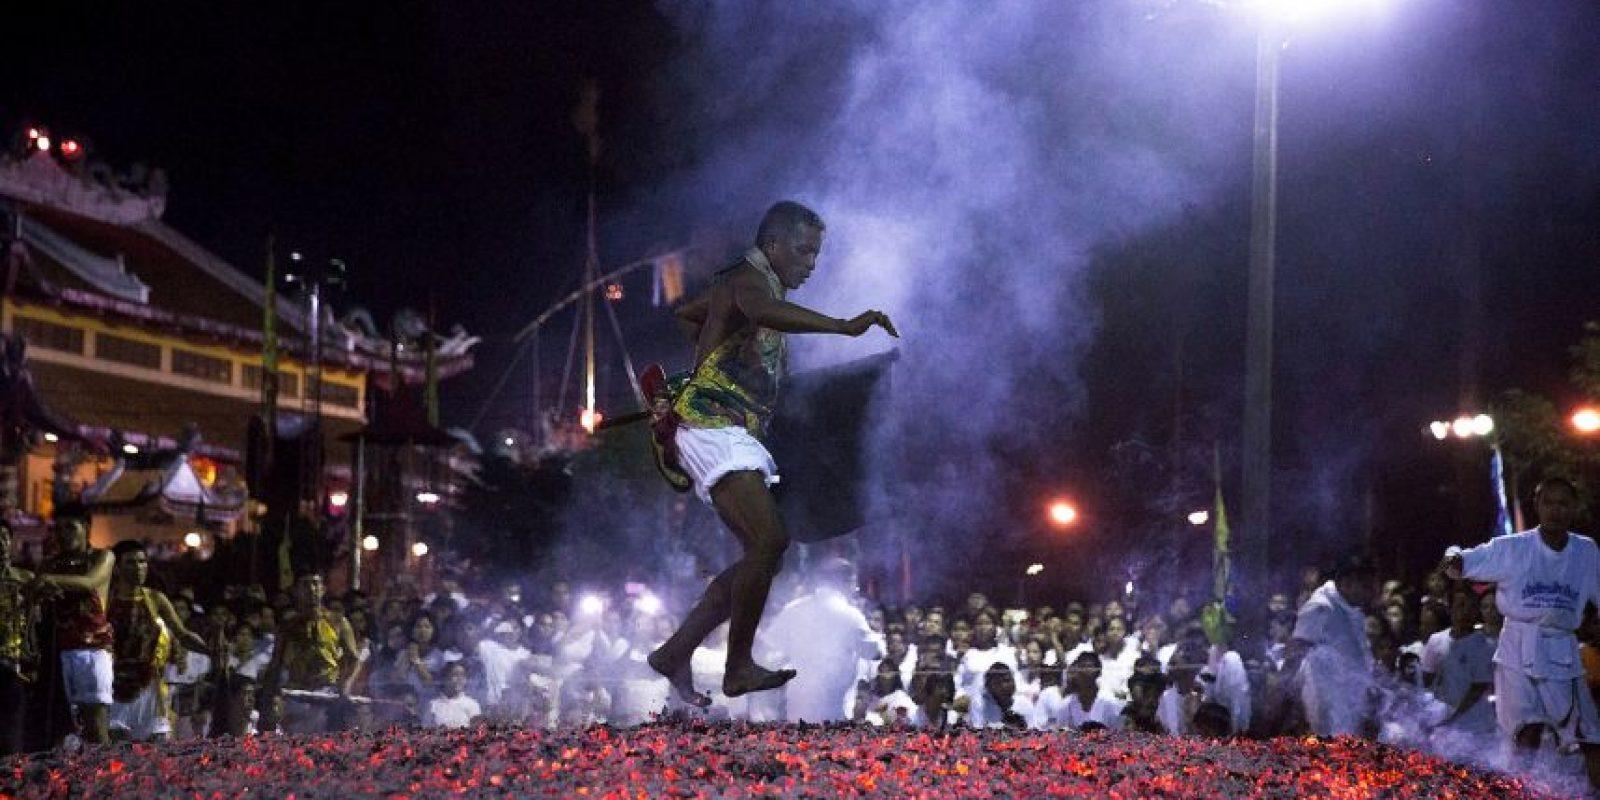 Los participantes también suelen caminar sobre el fuego Foto:Getty Images